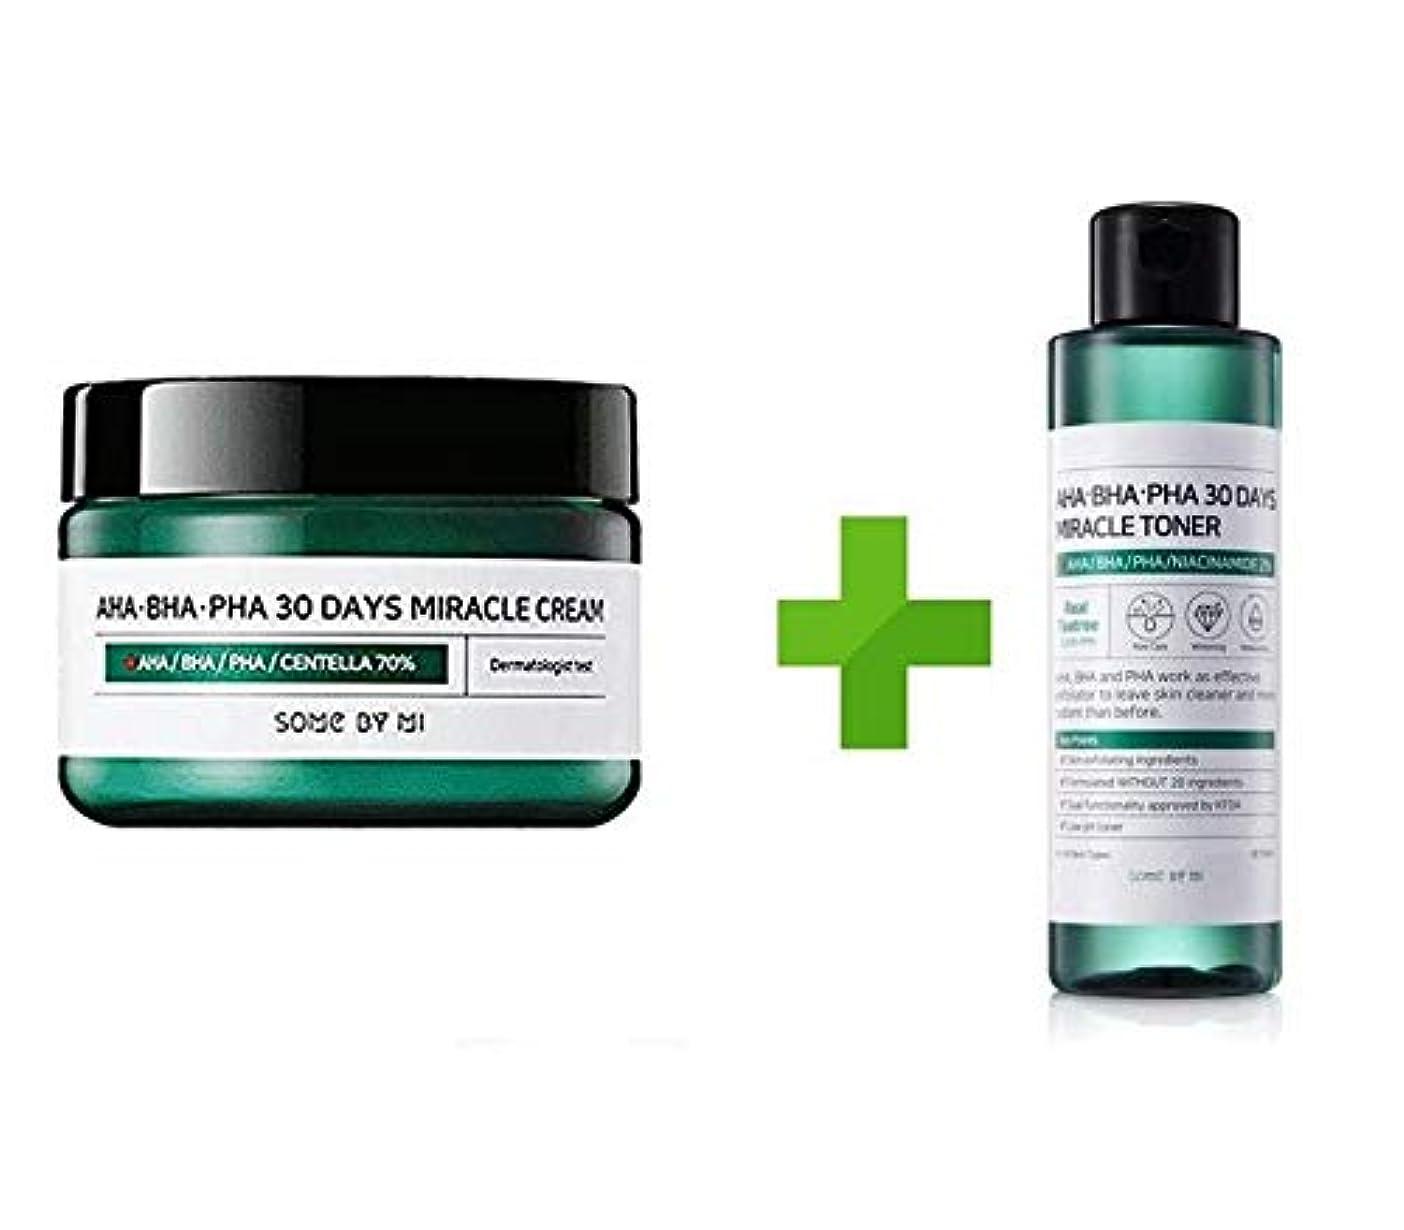 ぐるぐるシャワー丁寧Somebymi AHA BHA PHA Miracle Cream (50ml + Toner 150ml)Skin Barrier & Recovery, Soothing with Tea Tree 10,000ppm for Wrinkle & Whitening/Korea Cosmetics [並行輸入品]